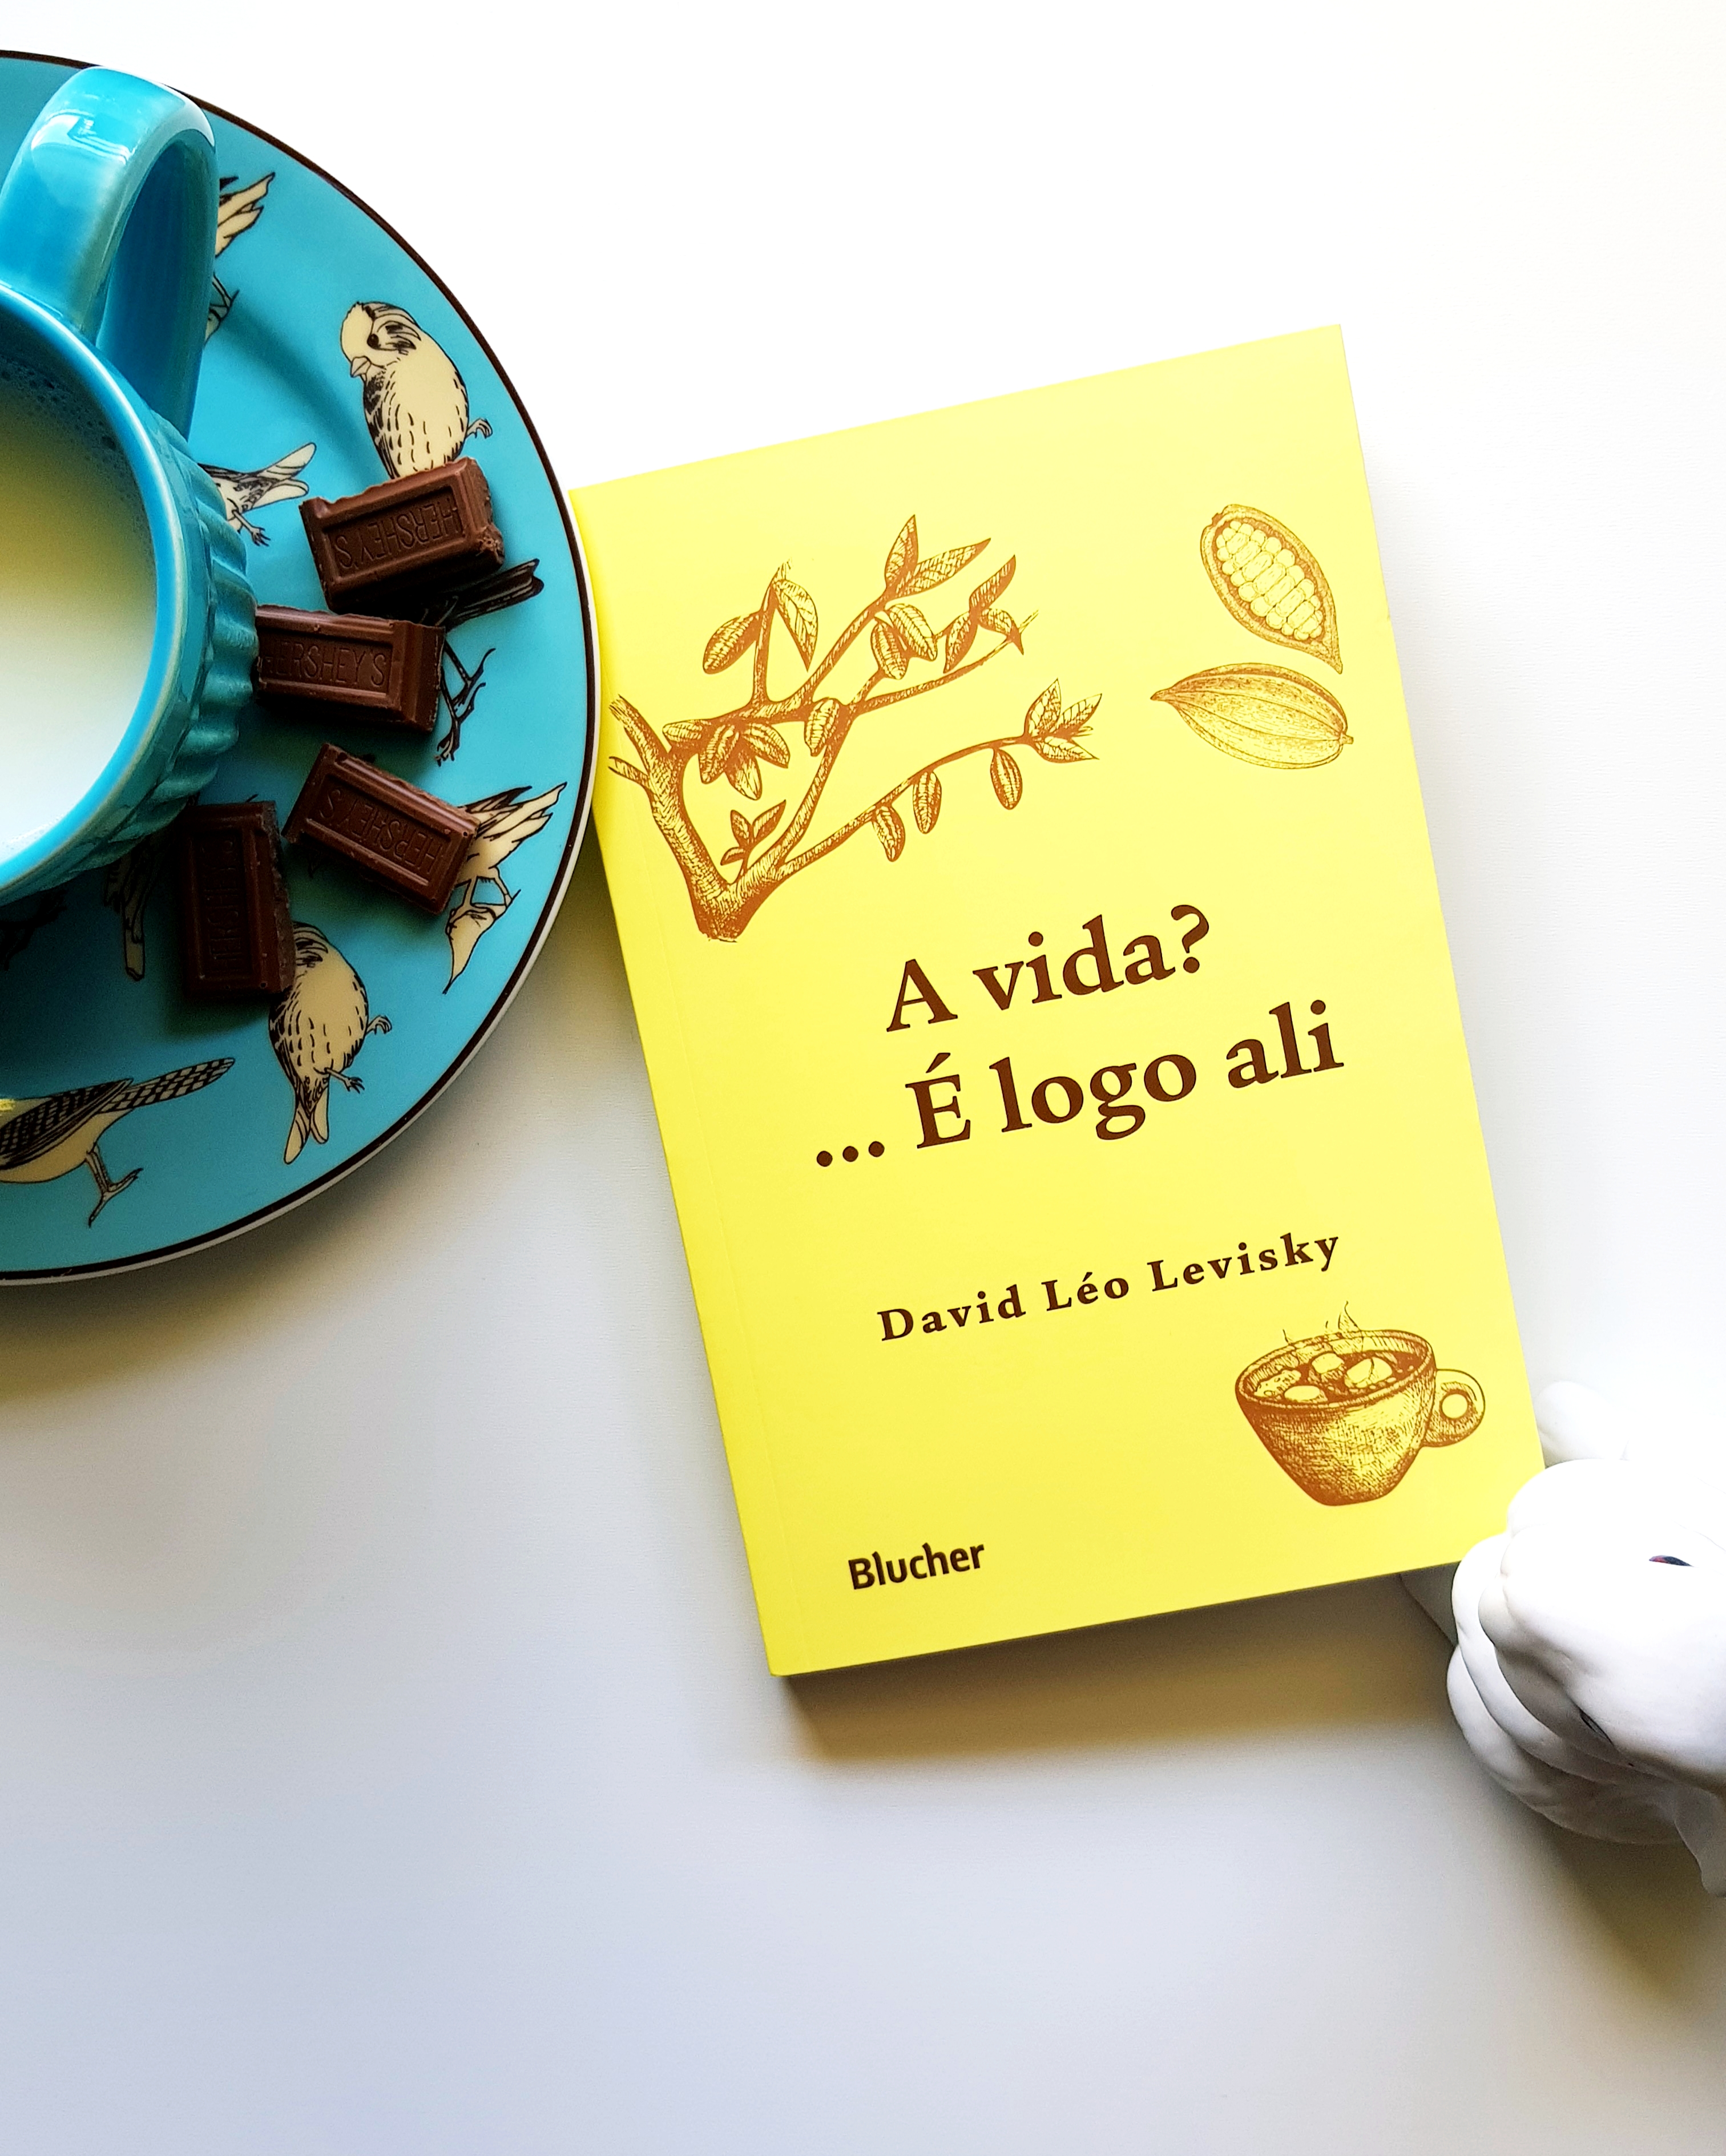 Livro de David Léo Levisky: A Vida?... É Logo Ali - blog de psicologia Melkberg - David Léo Levisky - a vida?... é logo ali - Lina - Gabriela - família - outro - filhos - história - chocolate - livro - cuidados - mulheres